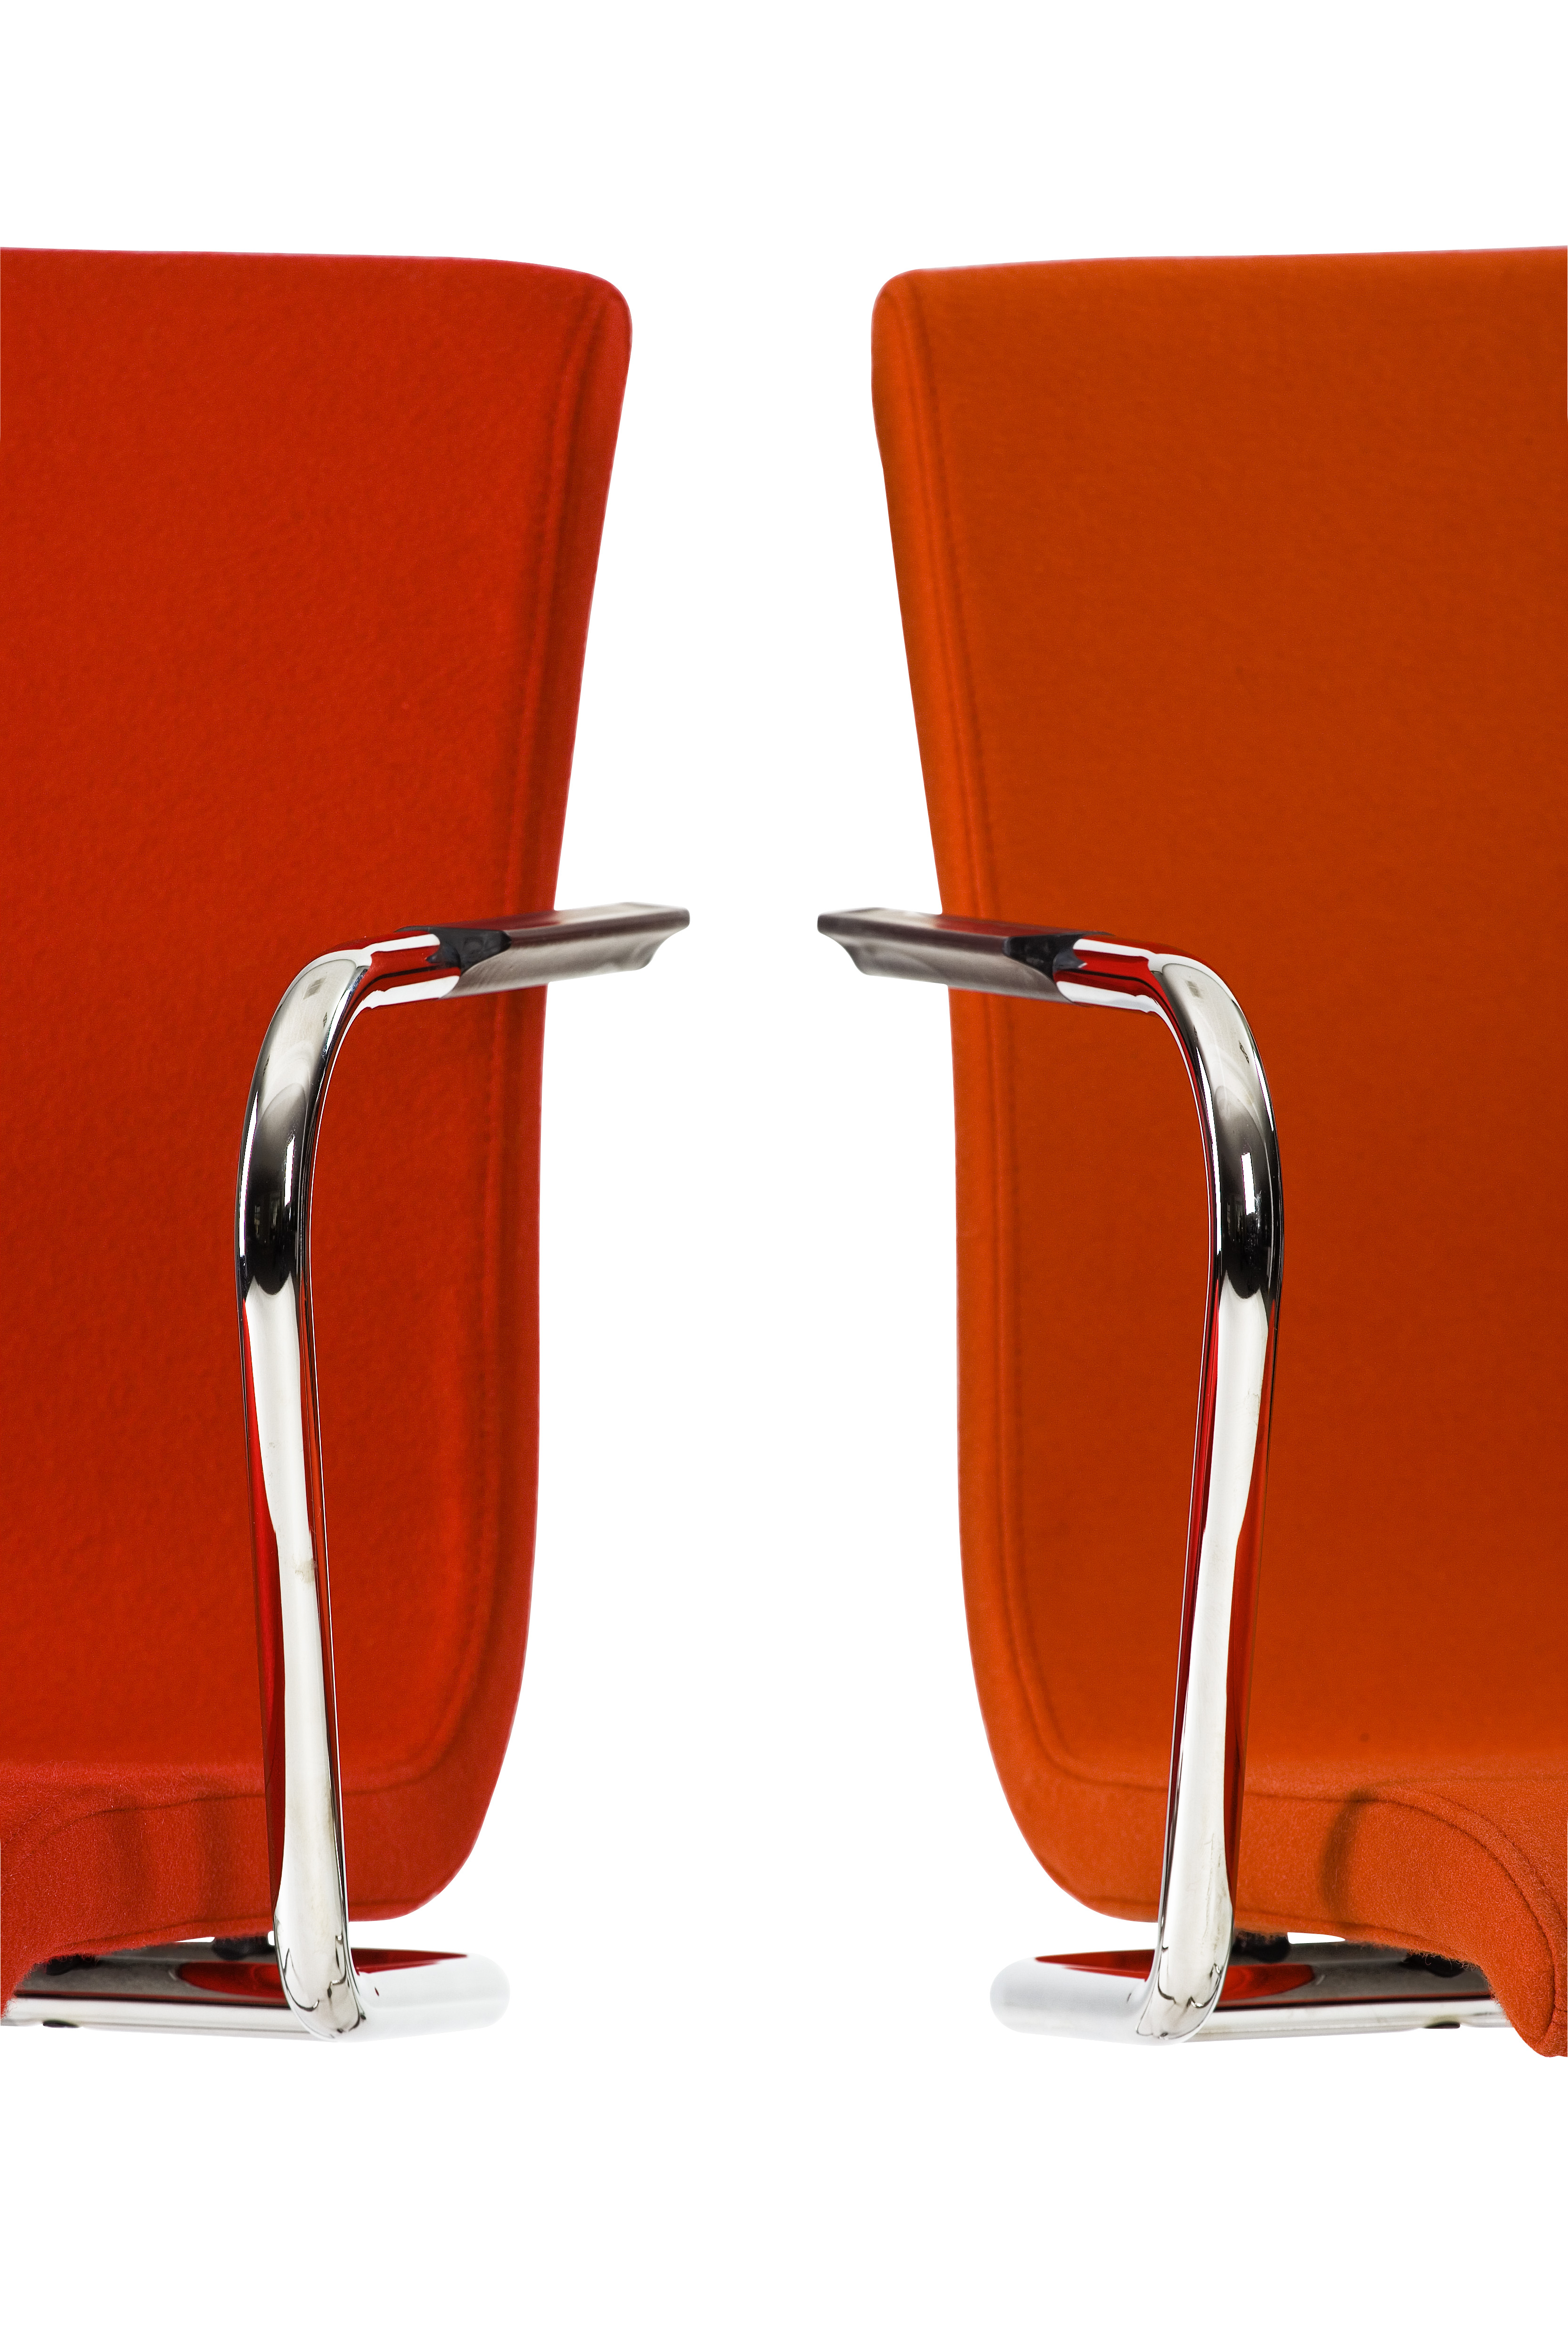 flex armrest detail.jpg